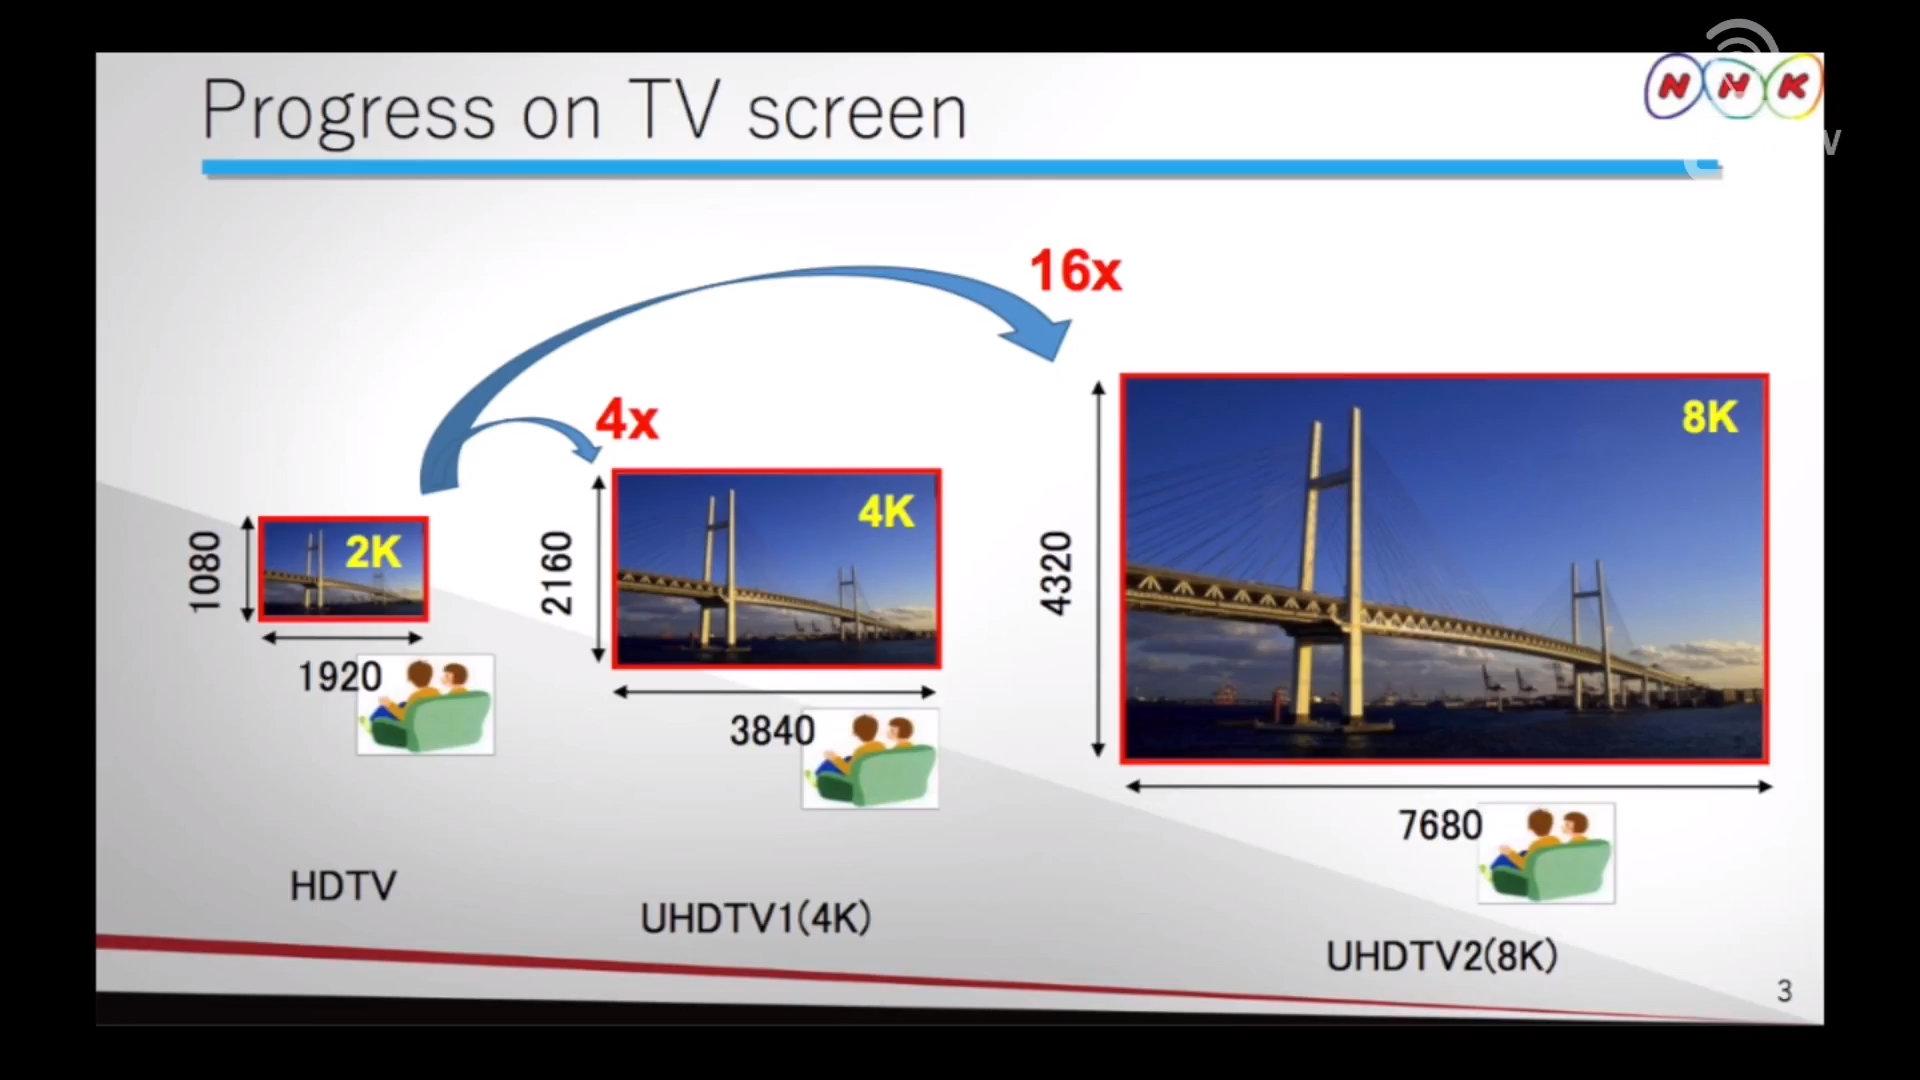 8K im Vergleich zu 4K und Full HD